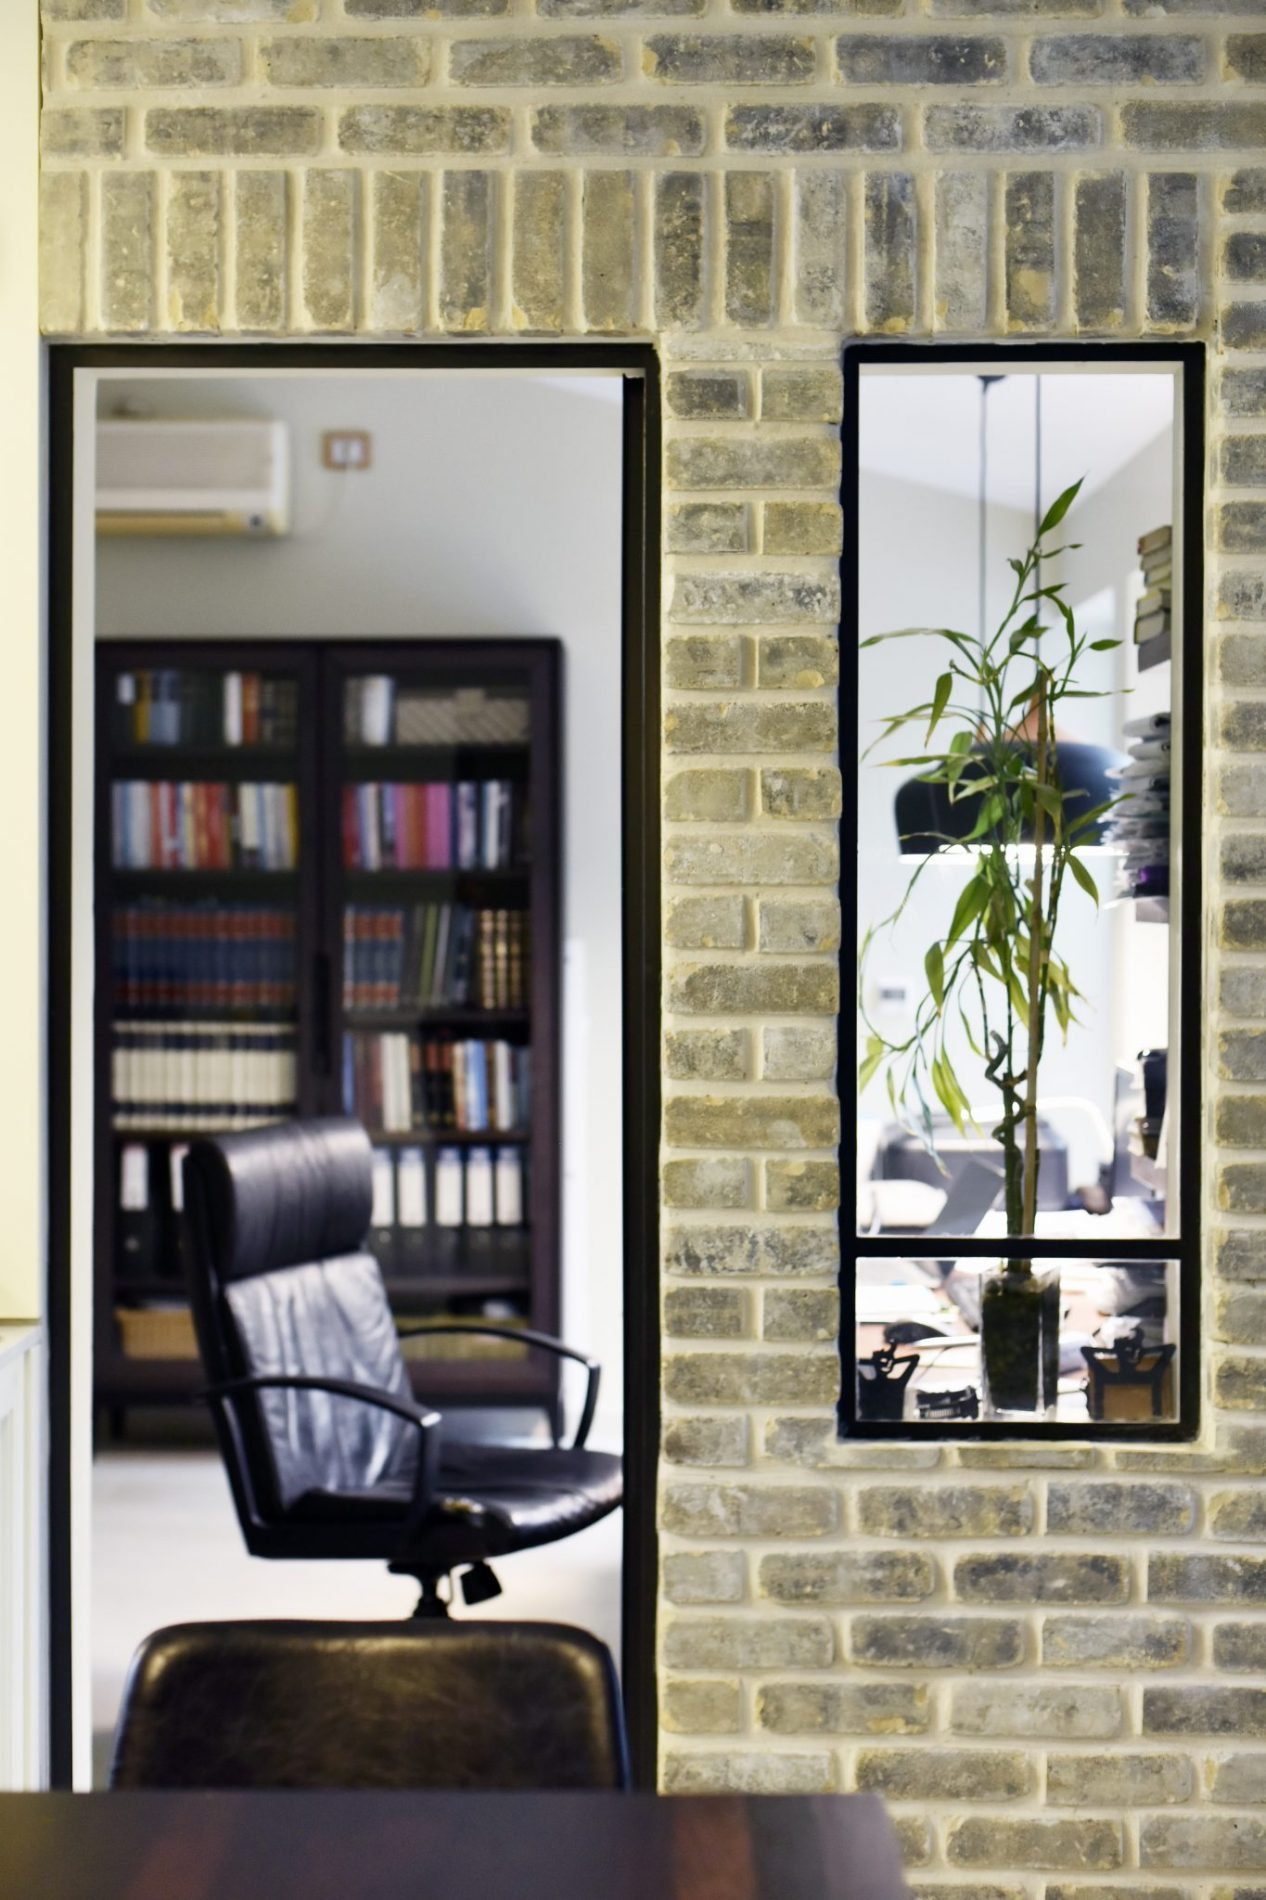 חלון ודלת פרופיל בלגי מאפשרים ליושבים בחדר העבודה קשר עין עם הסלון והמטבח. – פרוייקט ארטפרו באור יהודה